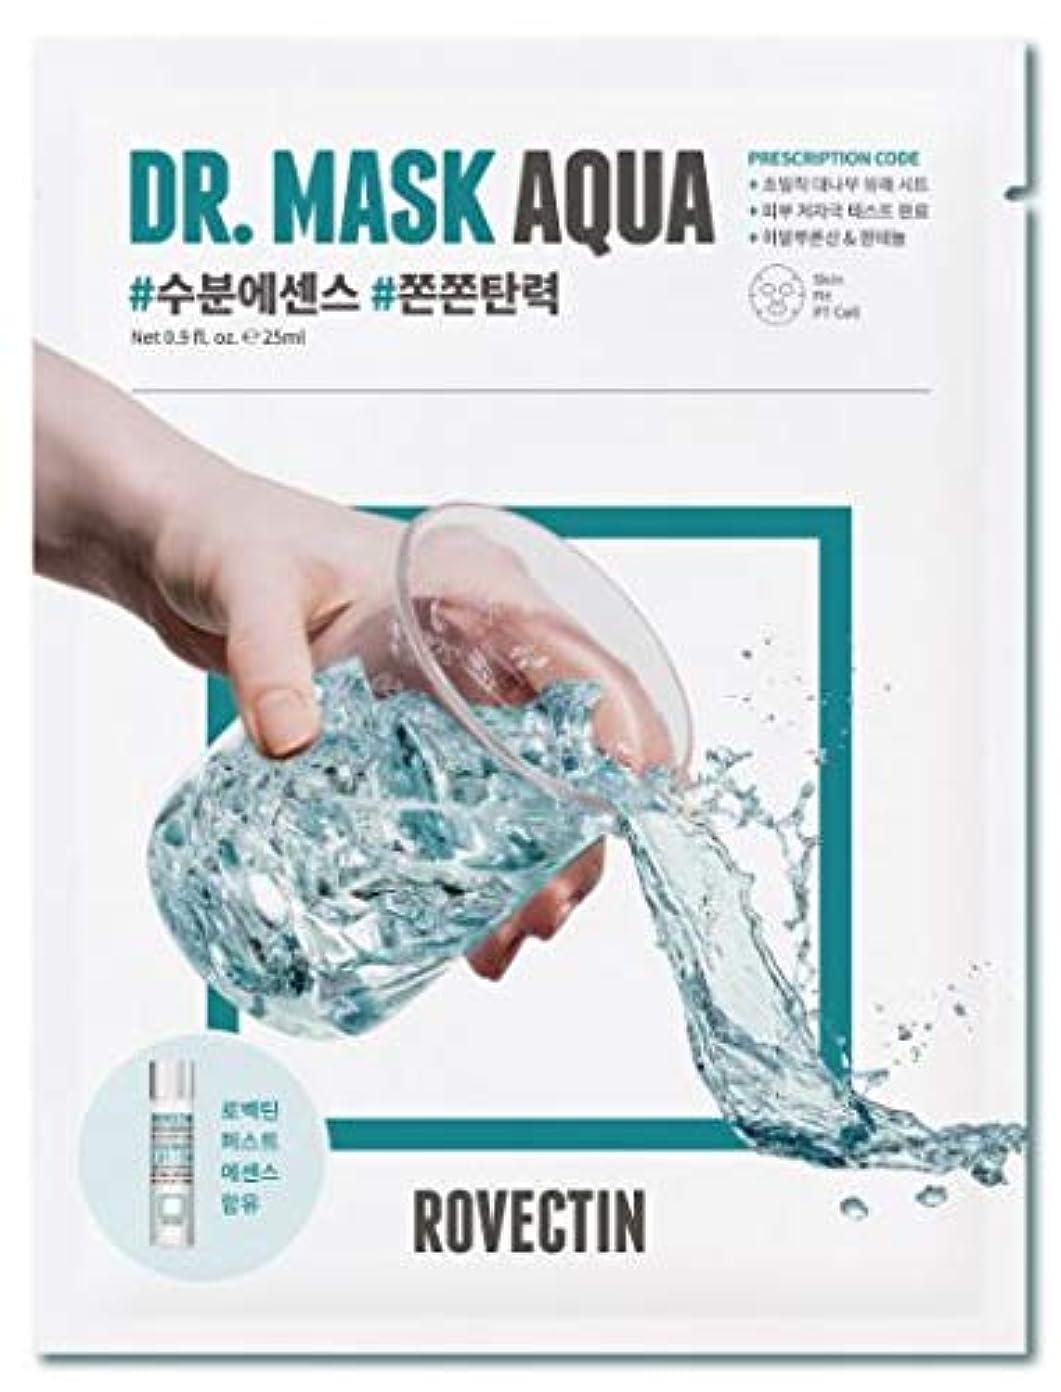 判決浪費きらめき[Rovectin] Skin Essentials Dr. Mask Aqua 5ea / [ロベクチン] スキン エッセンシャル ドクター マスク アクア 5枚 [並行輸入品]